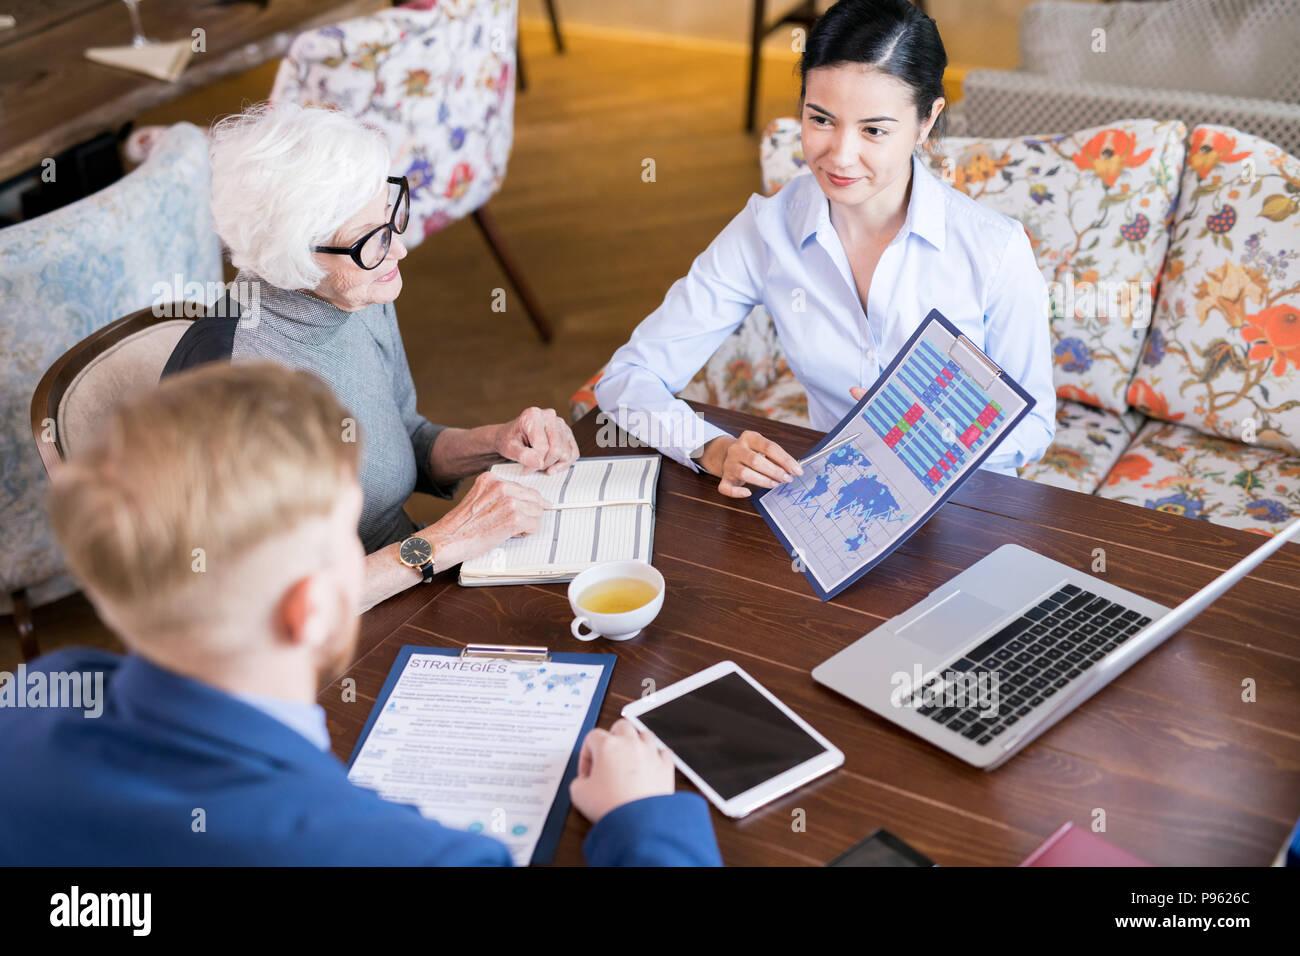 Les gens d'affaires des stratégies d'affaires de planification Banque D'Images